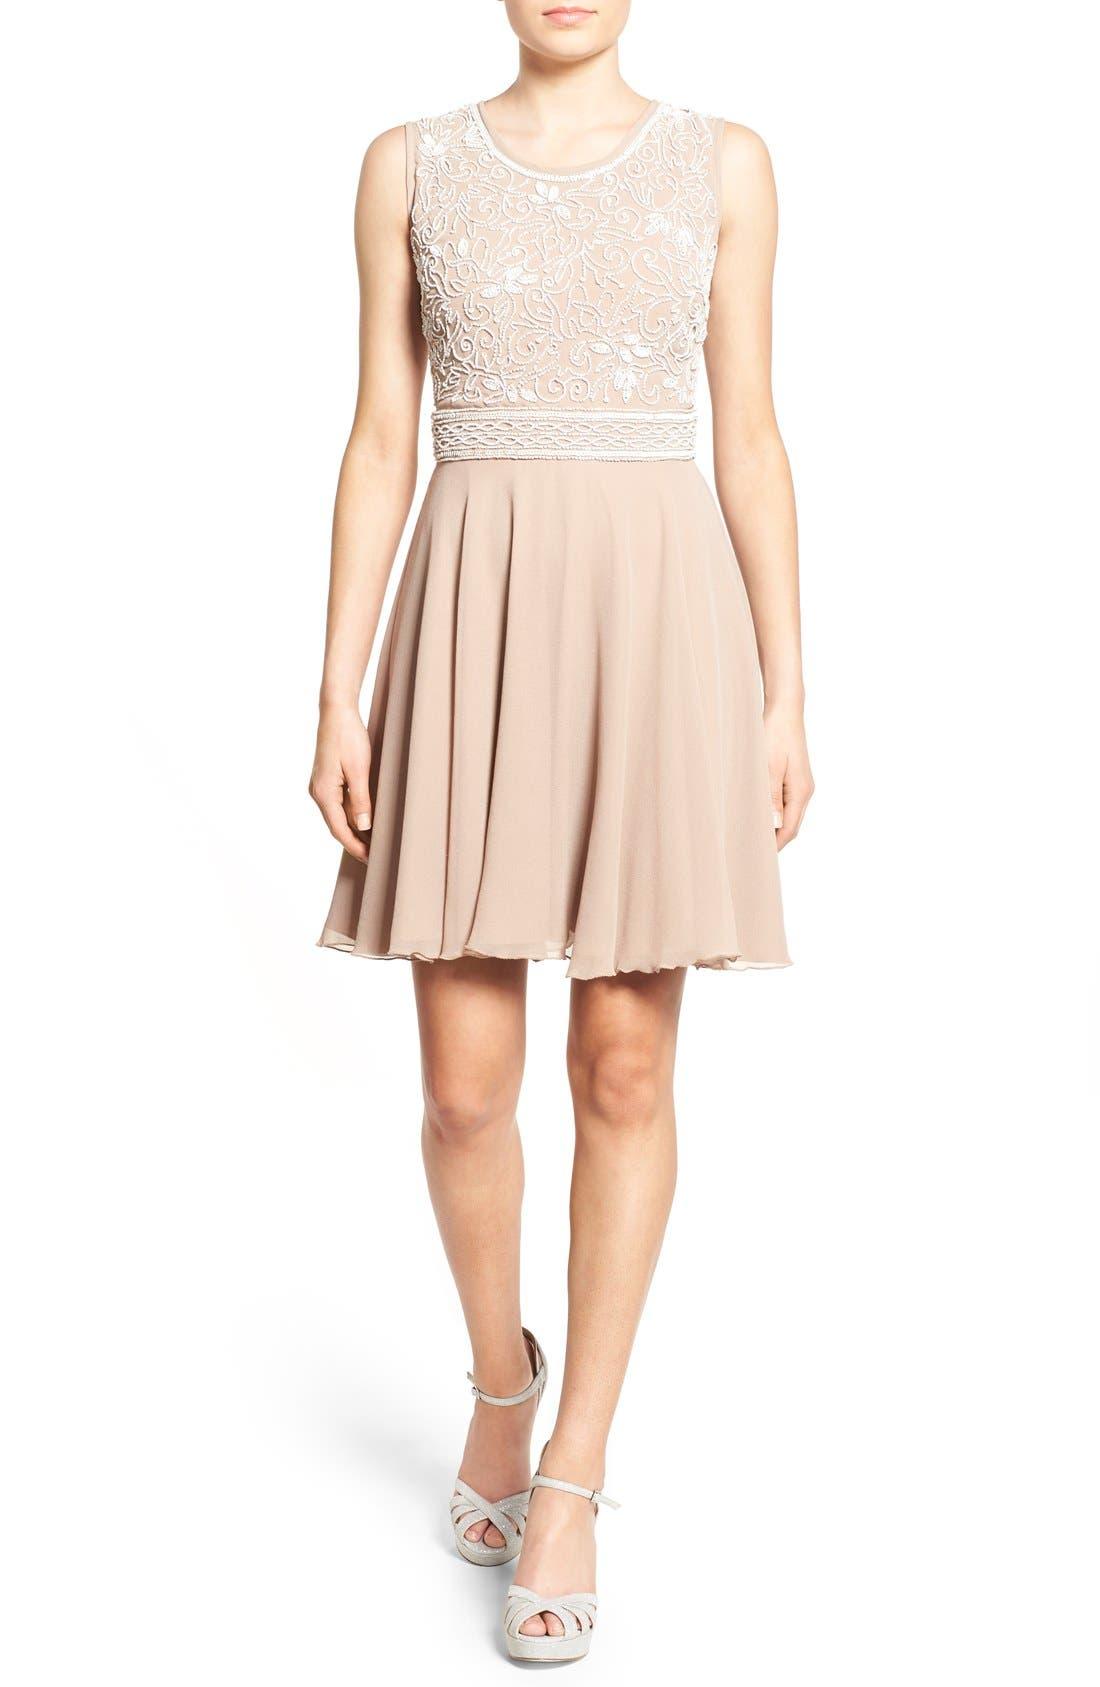 Main Image - Lace & Beads 'Lola' Embellished Skater Dress